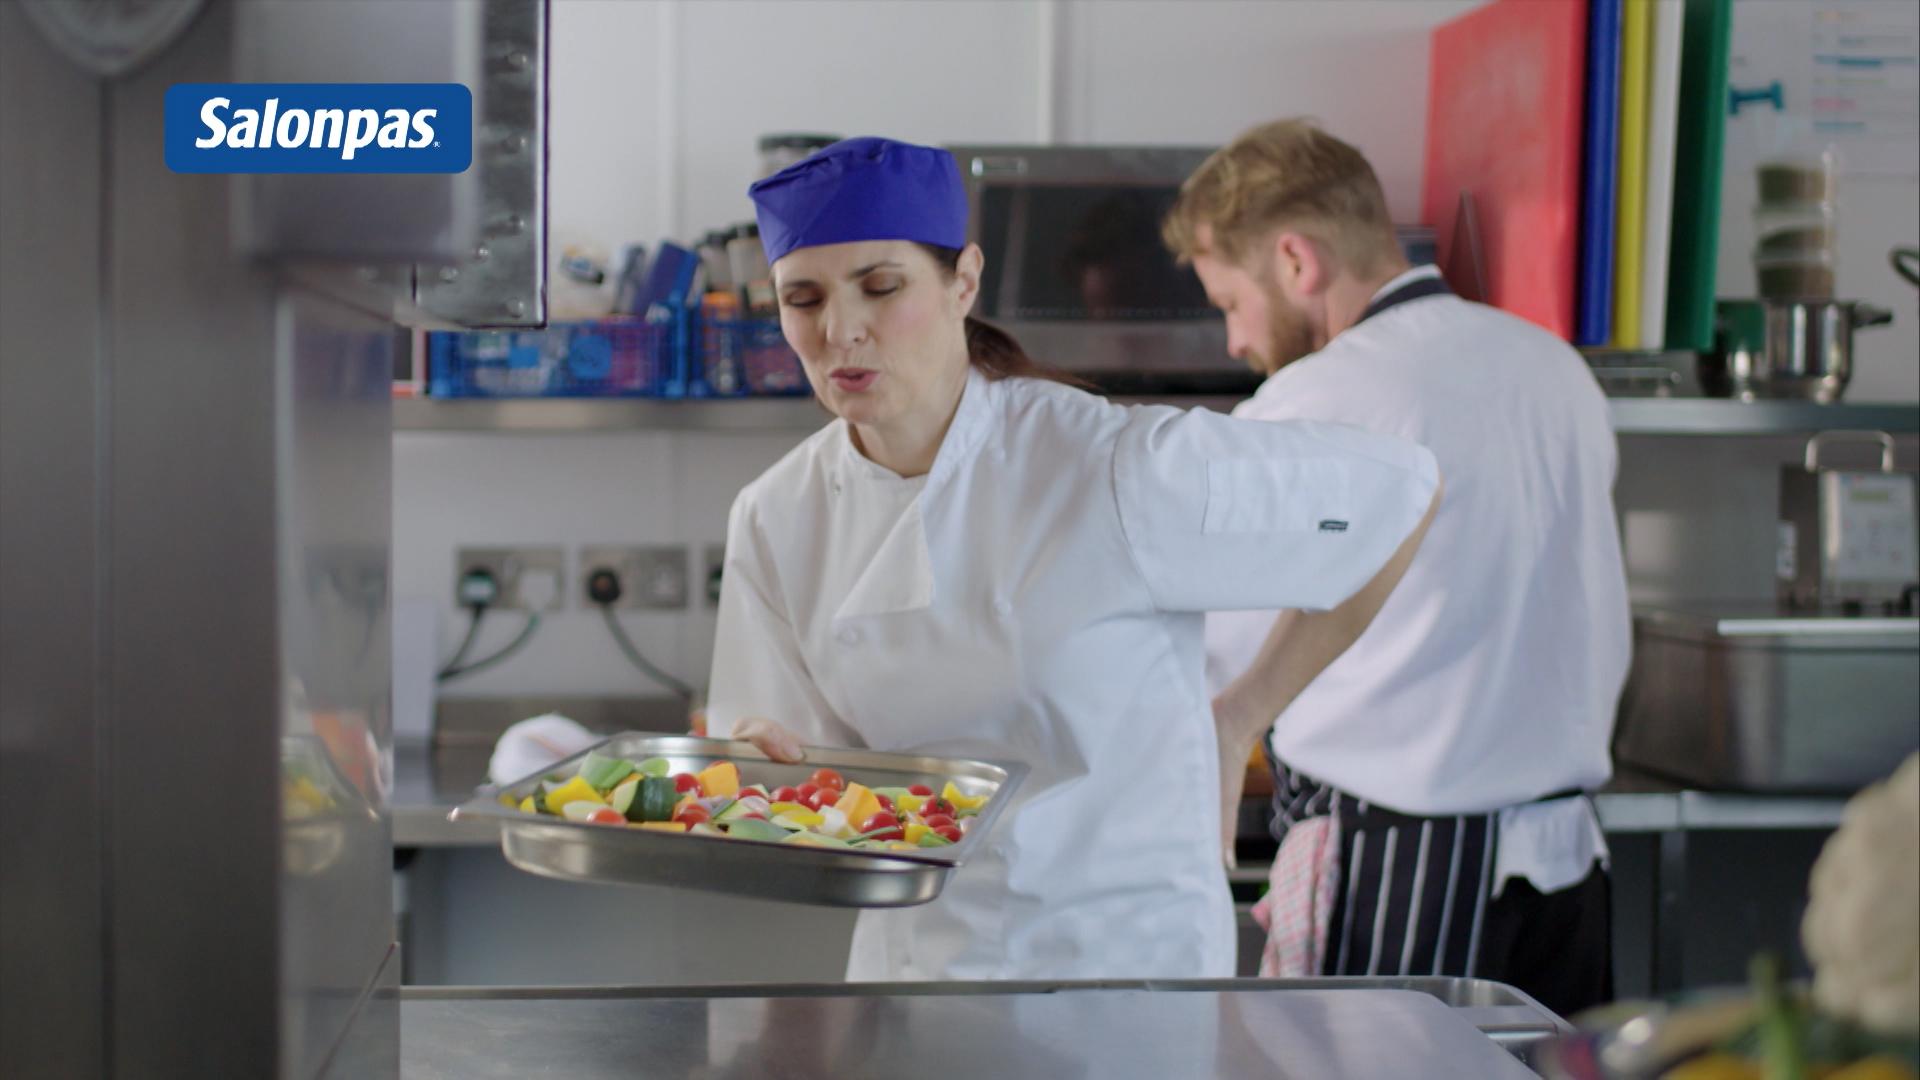 Salonpas TV commercial